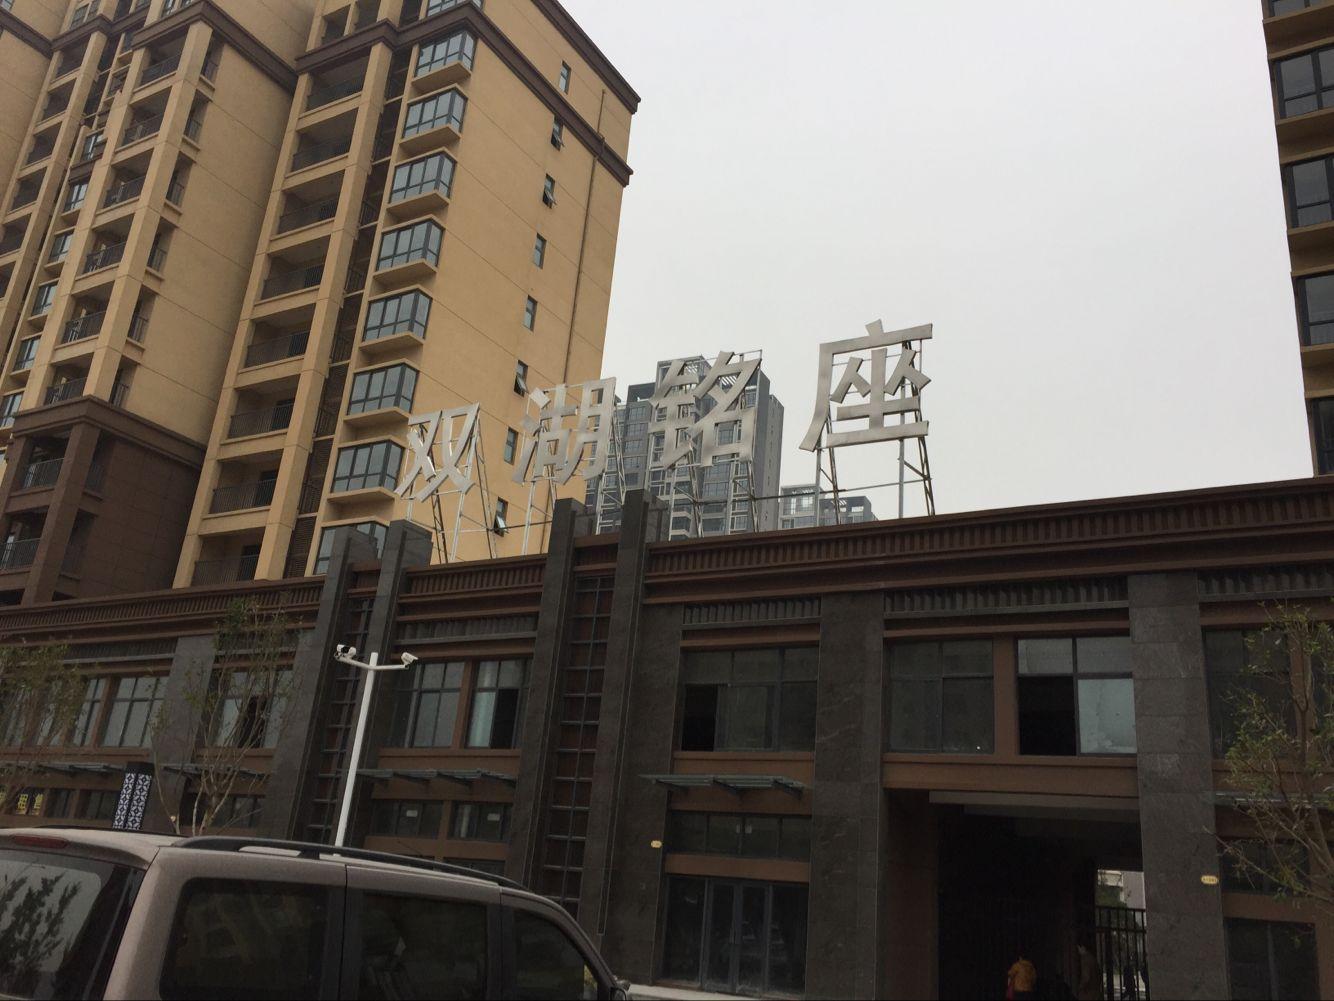 大型楼顶发光字工程|大型楼顶发光字工程-河南宝翔广告有限公司